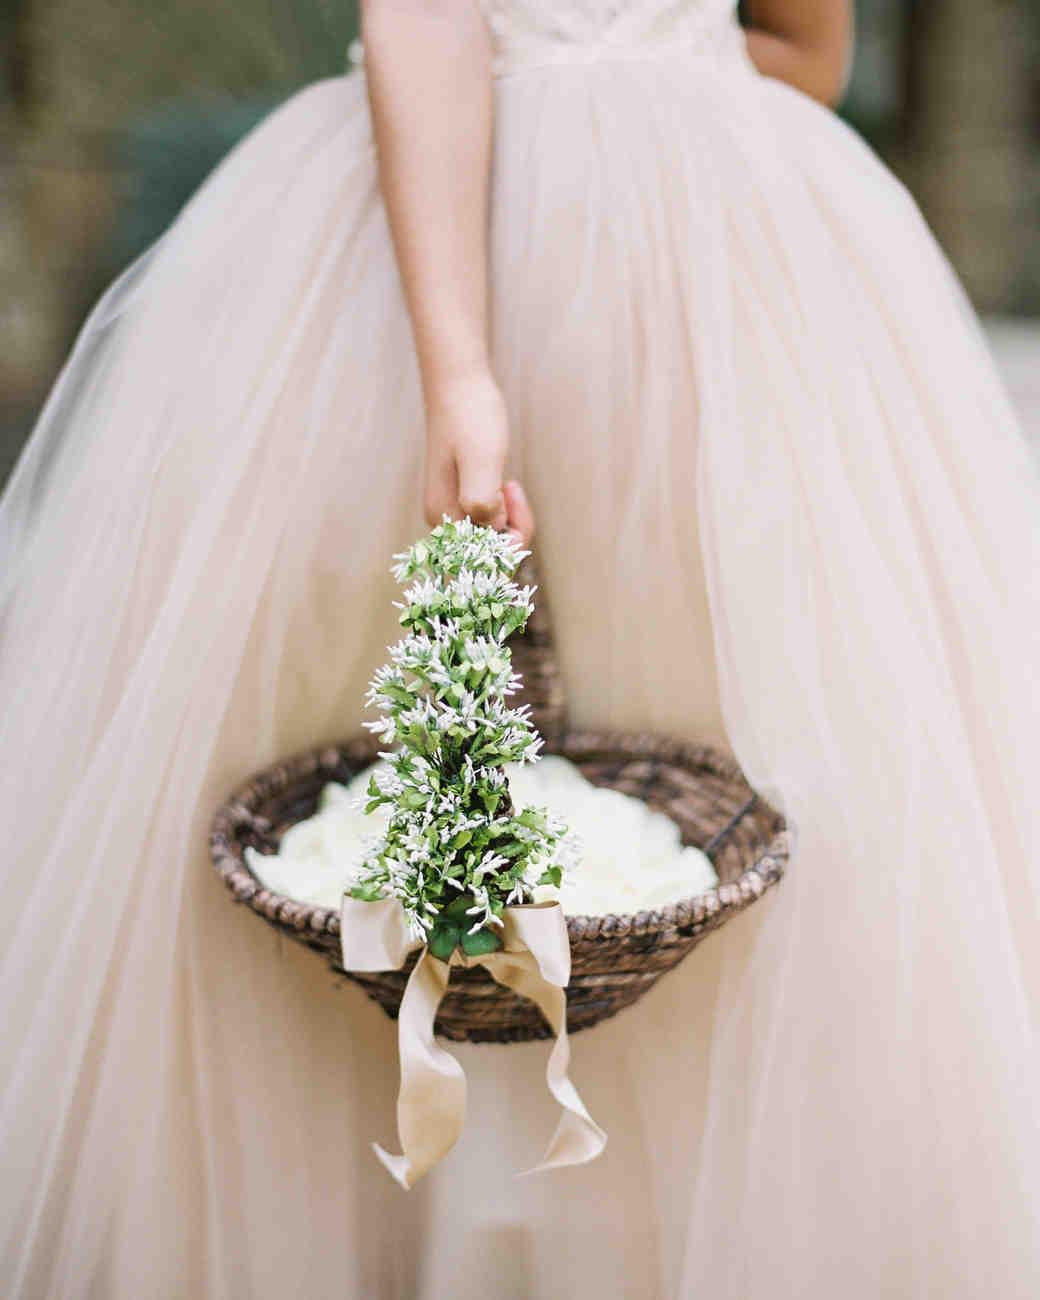 Flower Girl Baskets For Weddings: The Best Flower Girl Baskets From Real Weddings